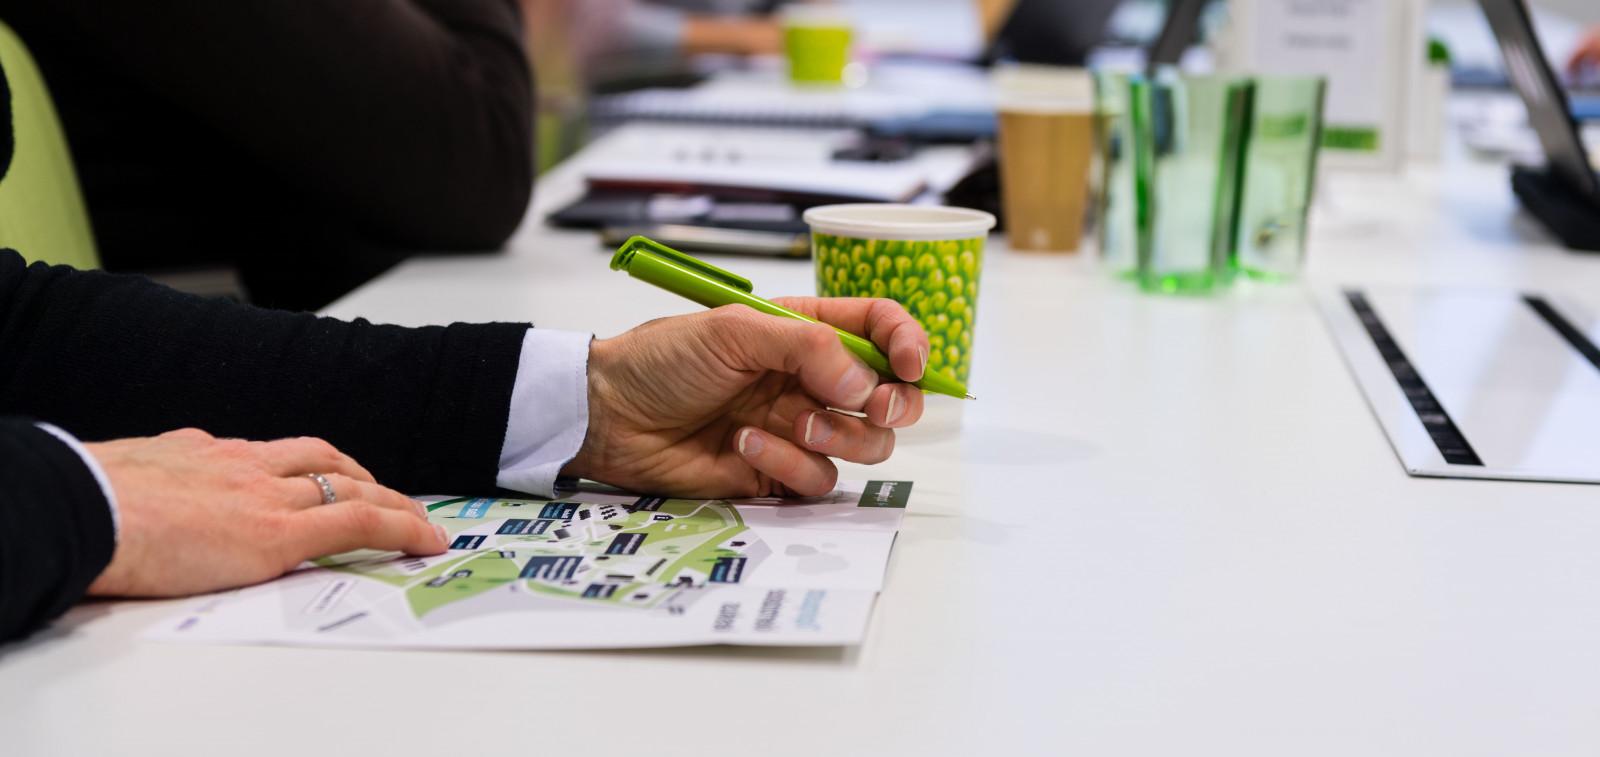 Toimistopöydällä näkyvä käsi, joka pitelee kynää